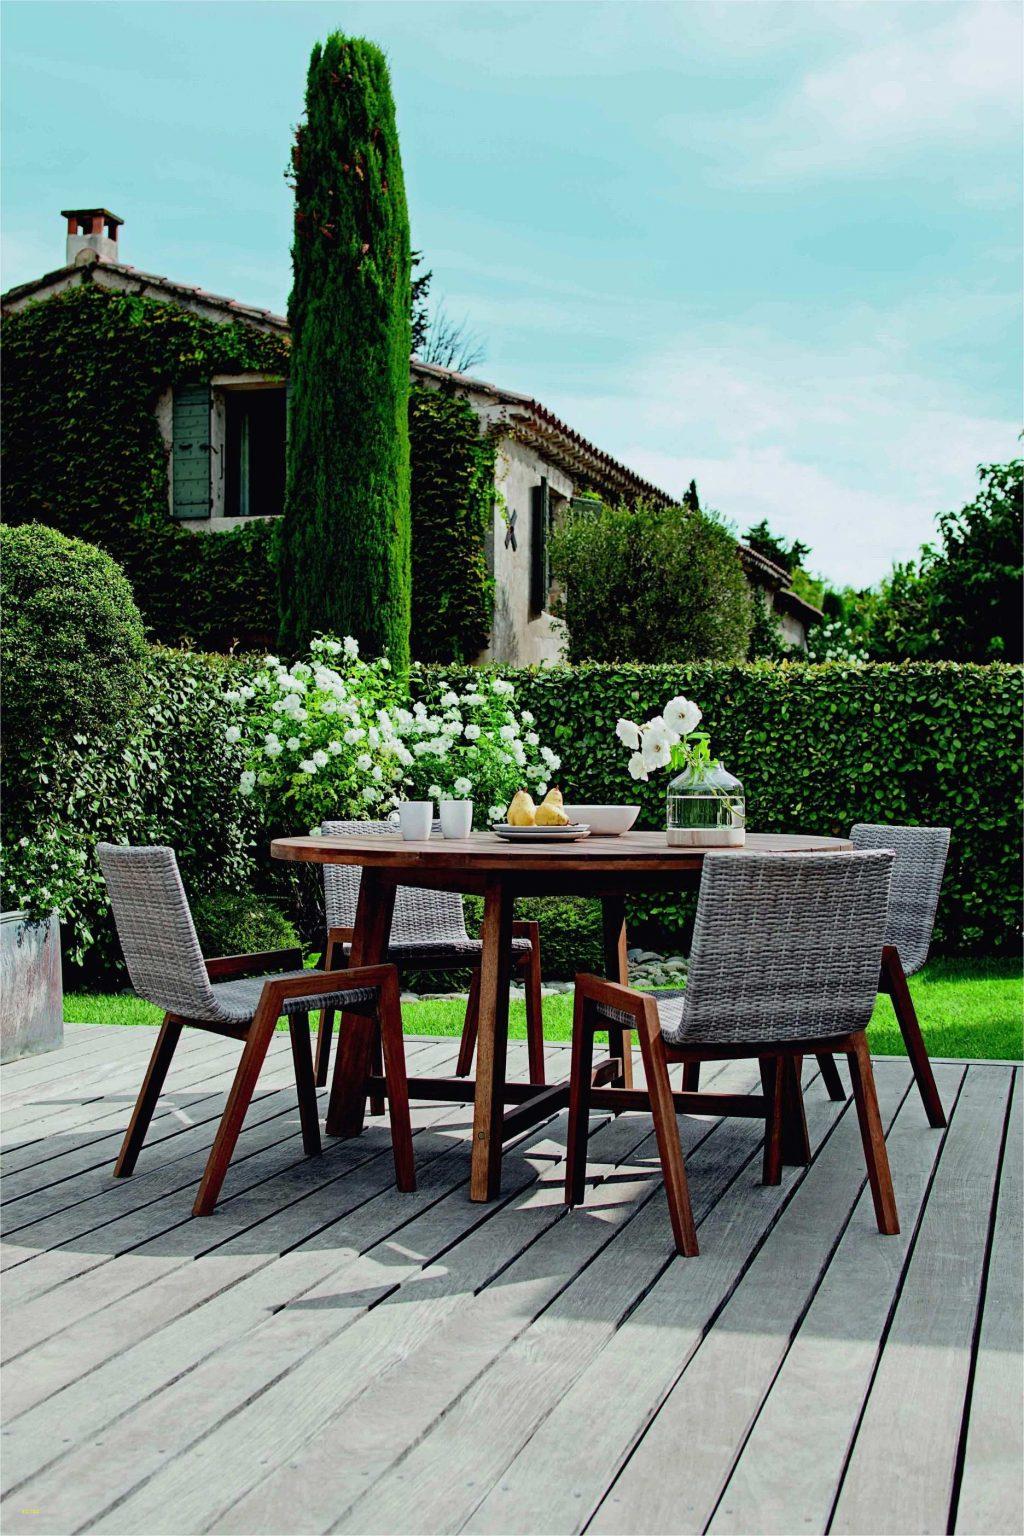 mesas terraza ikea nuevo coleccion muebles jardin increble salon unique toff original aluminium table ensemble terrasse petite bois meuble exterieur mobilier canape resine tressee 1024x1536